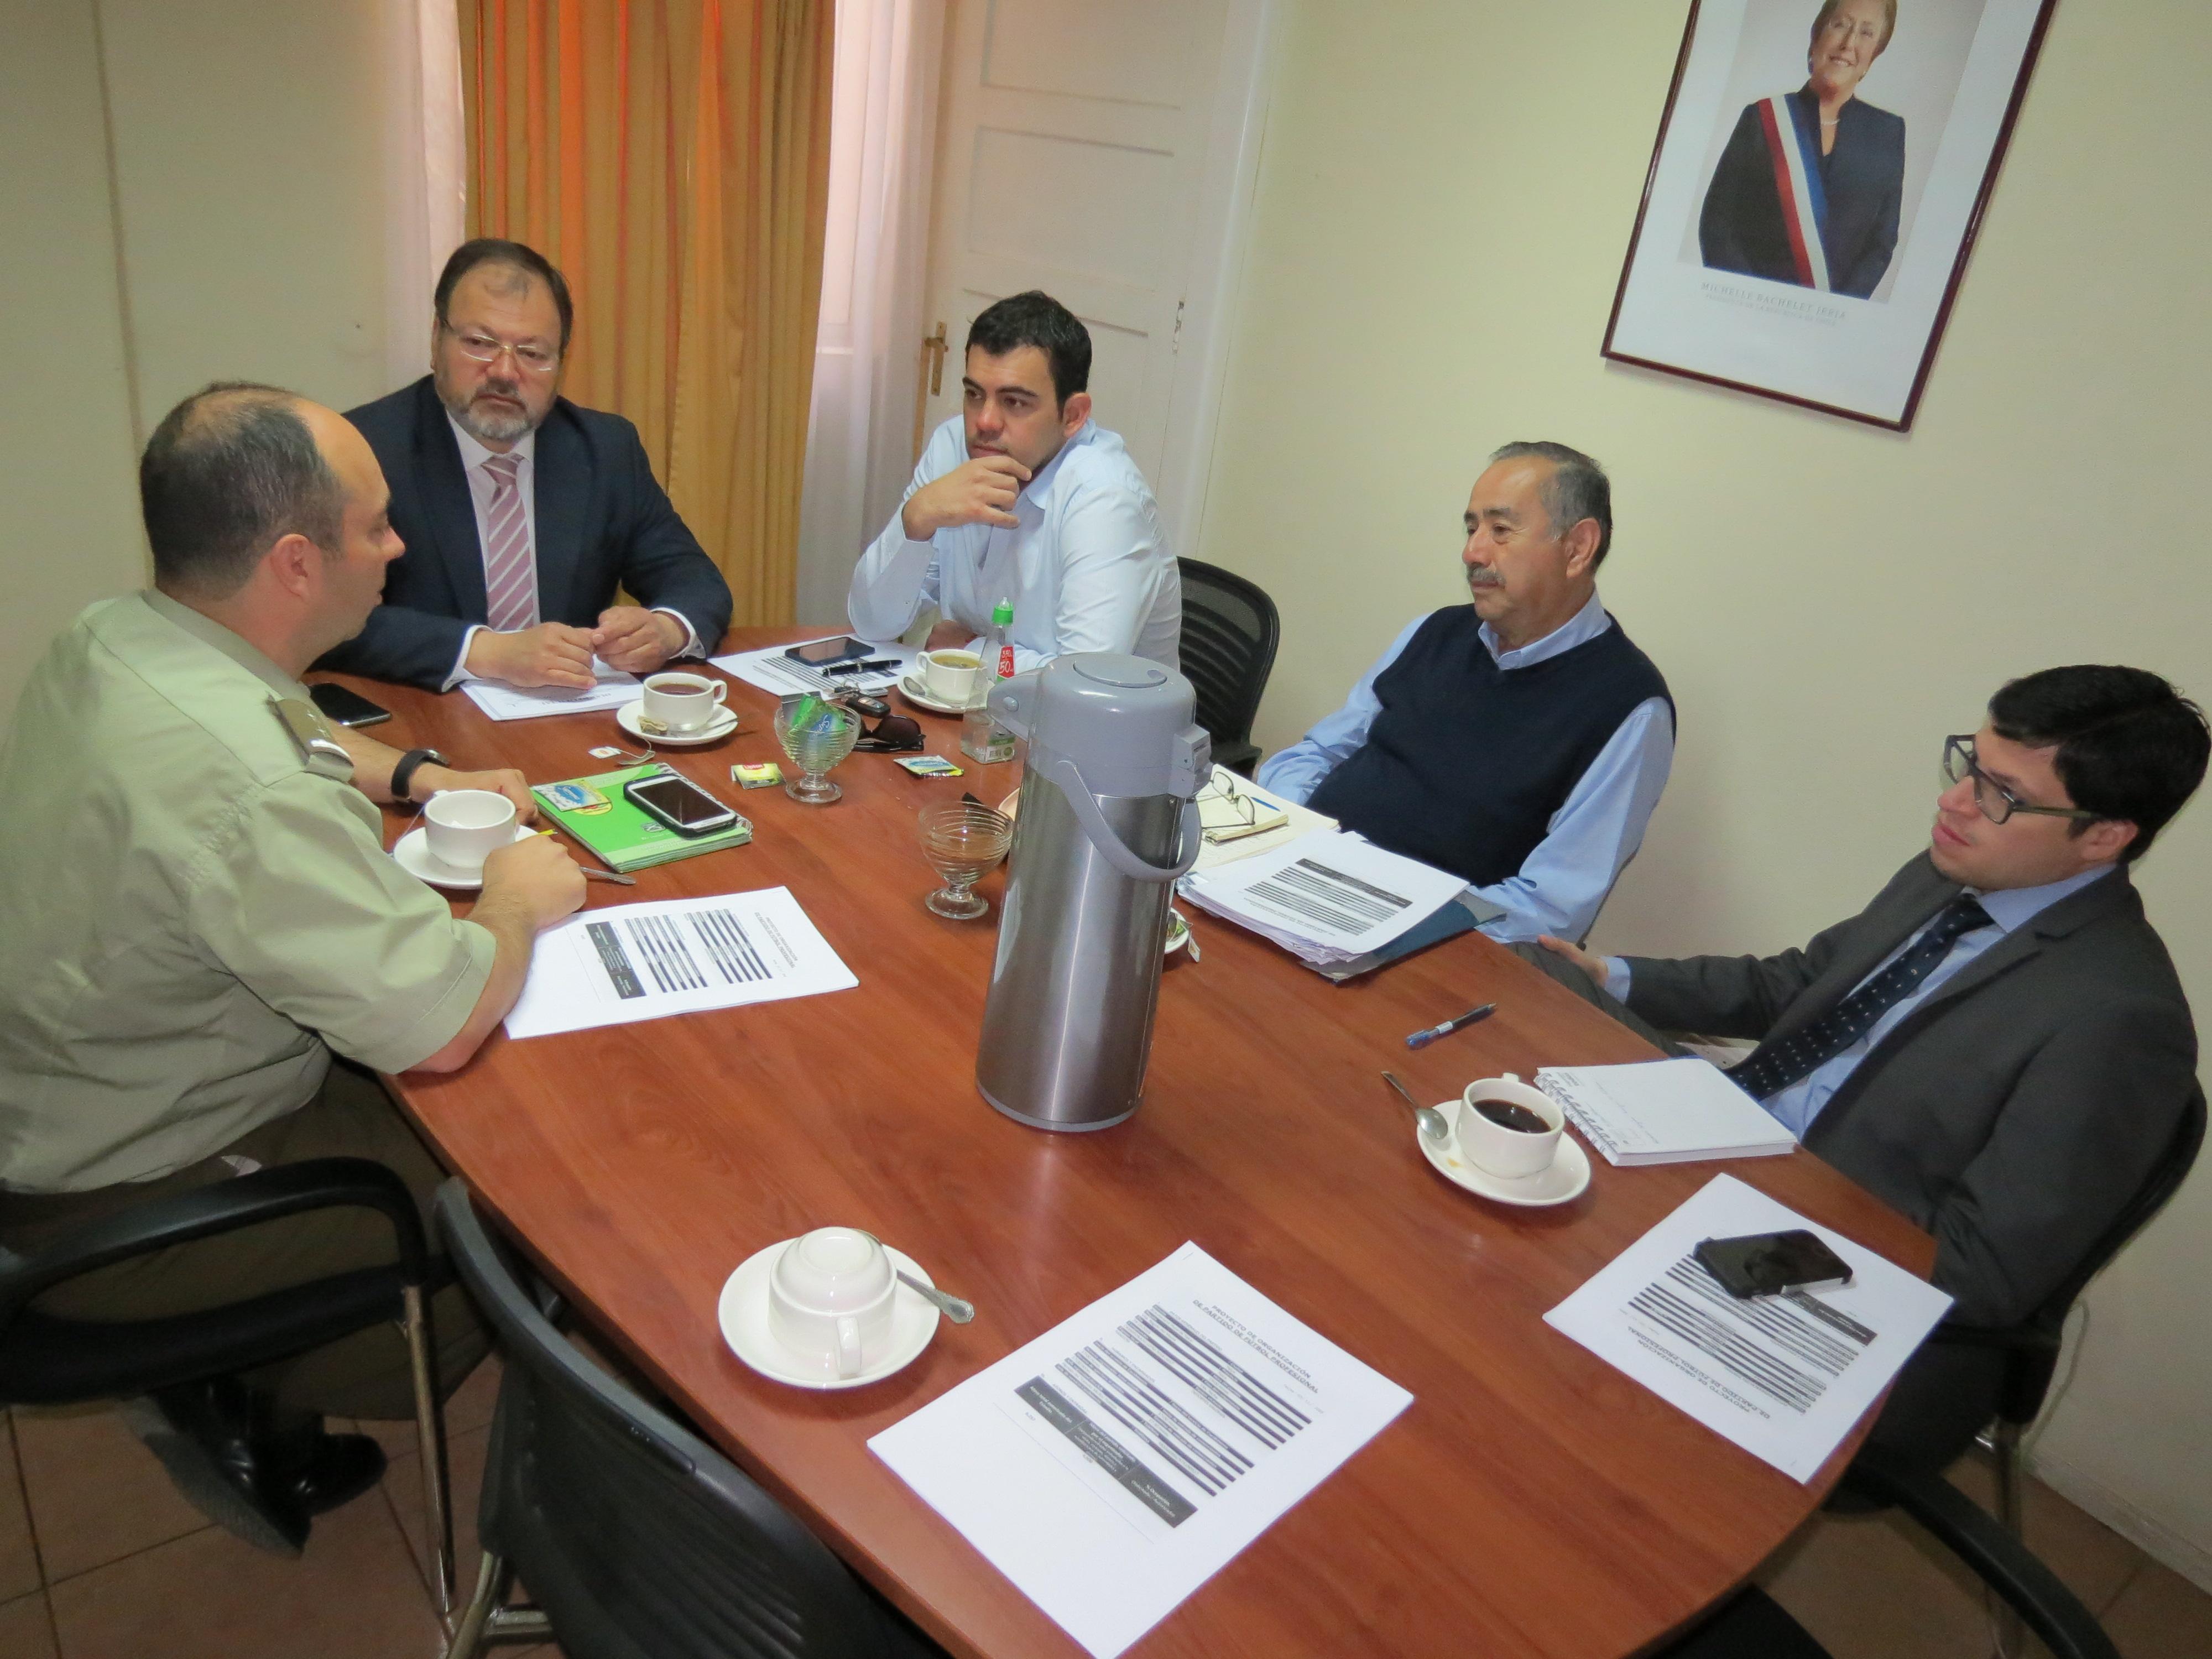 COMITÉ ESTADIO SEGURO  COORDINA ACCIONES PARA PARTIDO RANGERS Y DEPORTES VALDIVIA